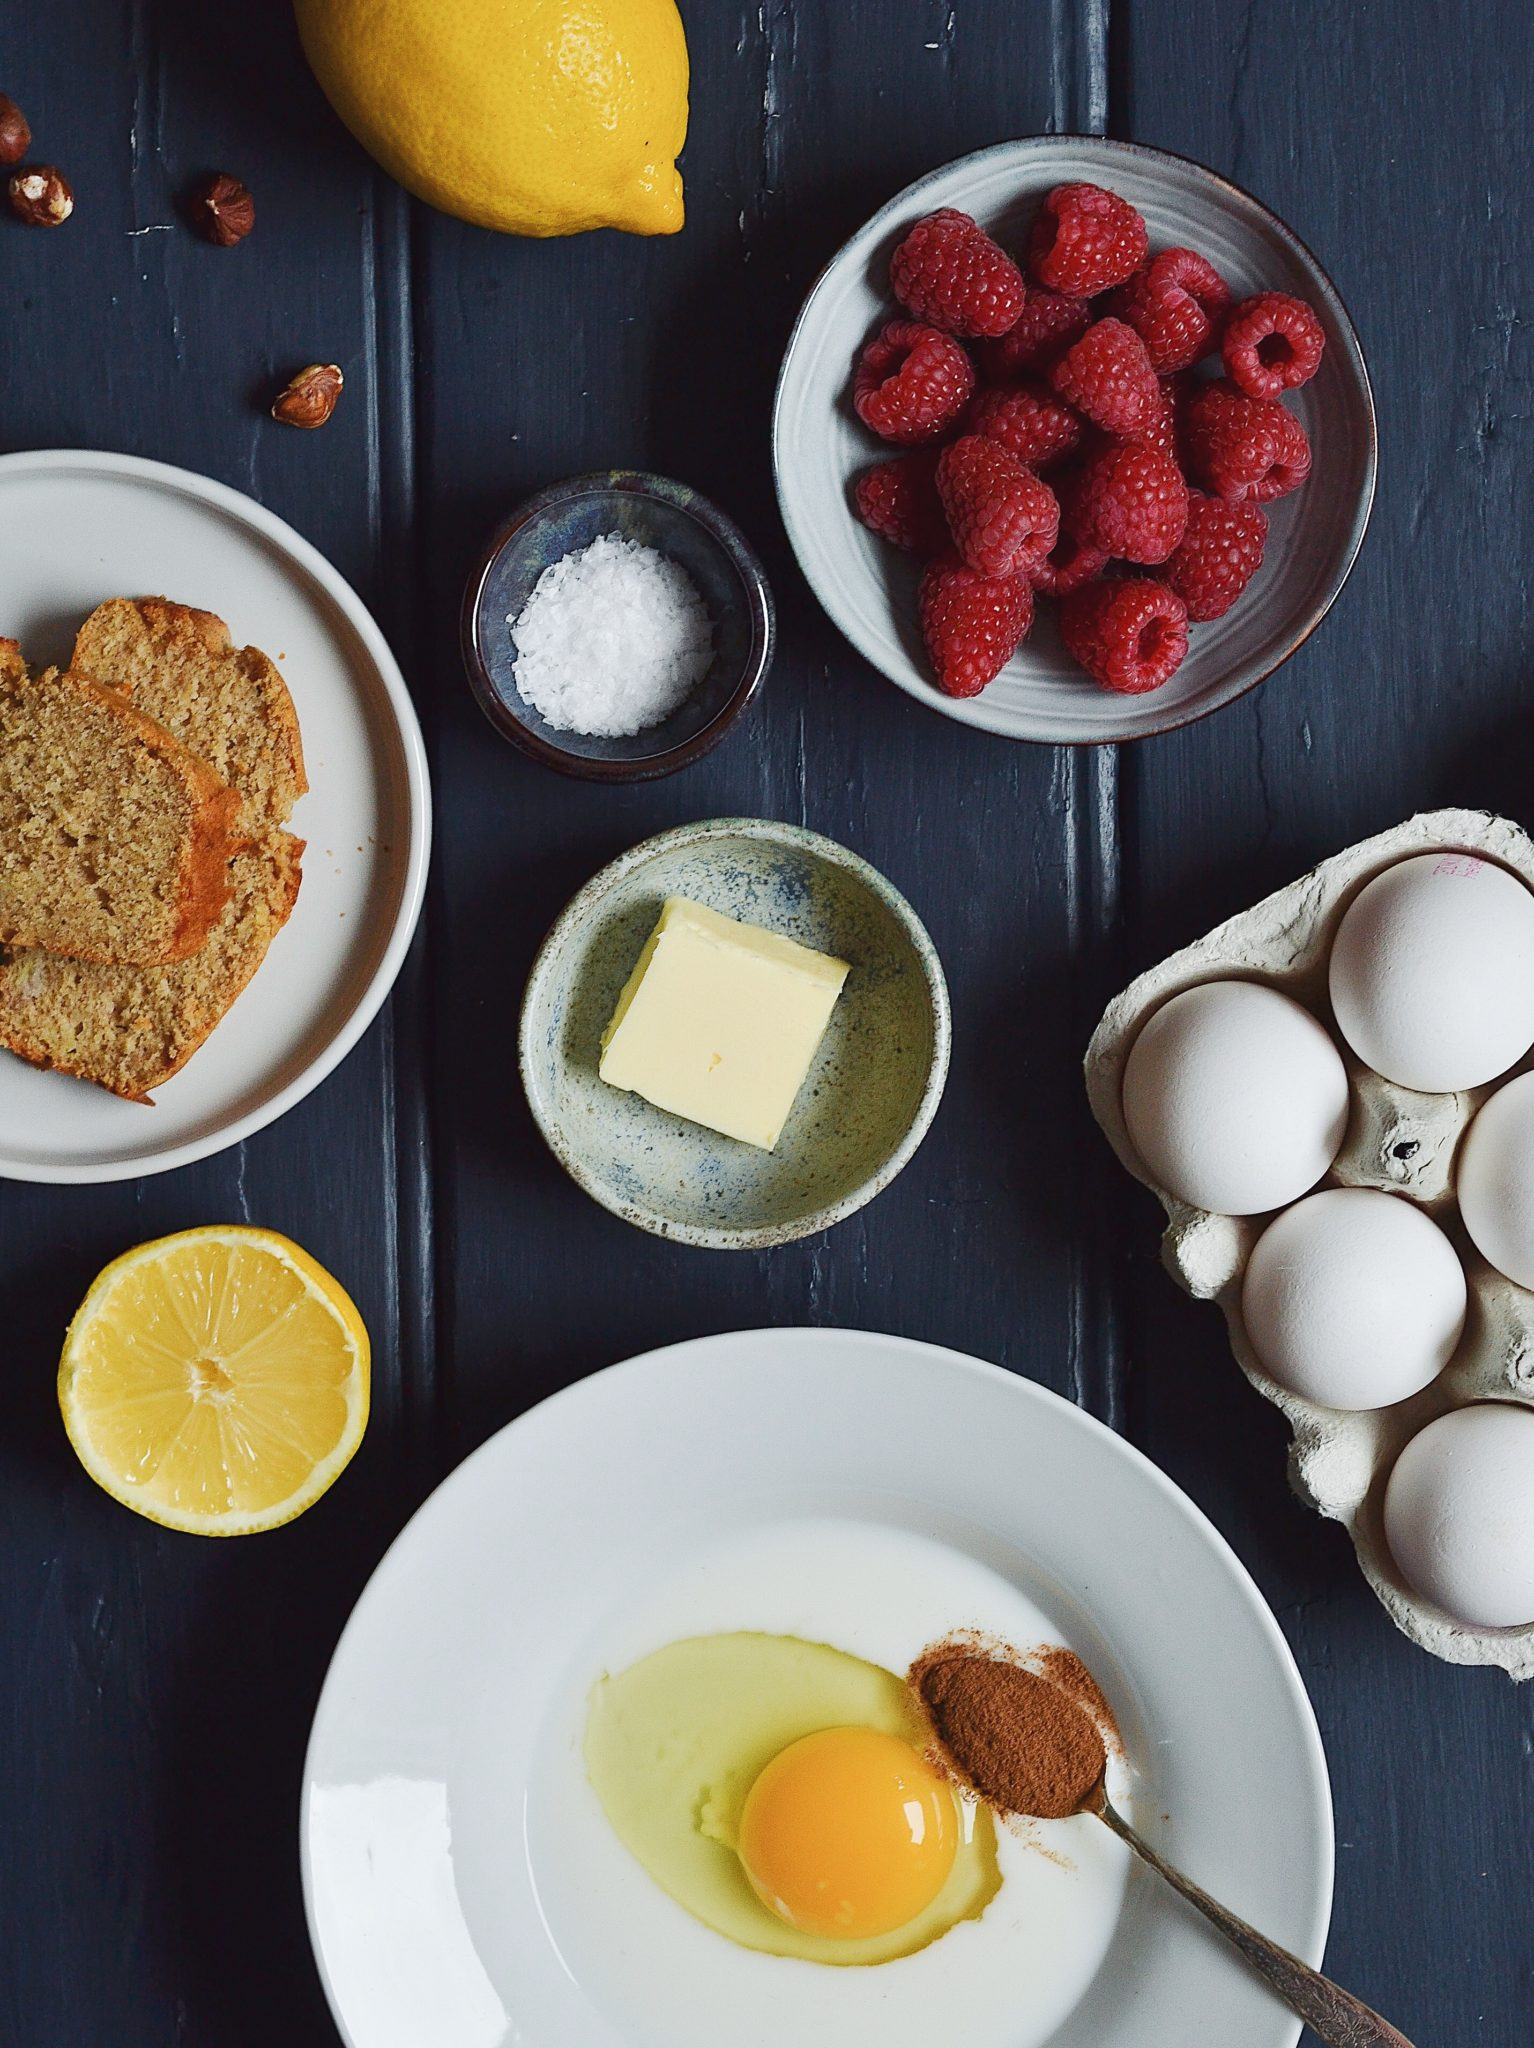 arme riddere med bananbrød, citron og hindbær - french toast